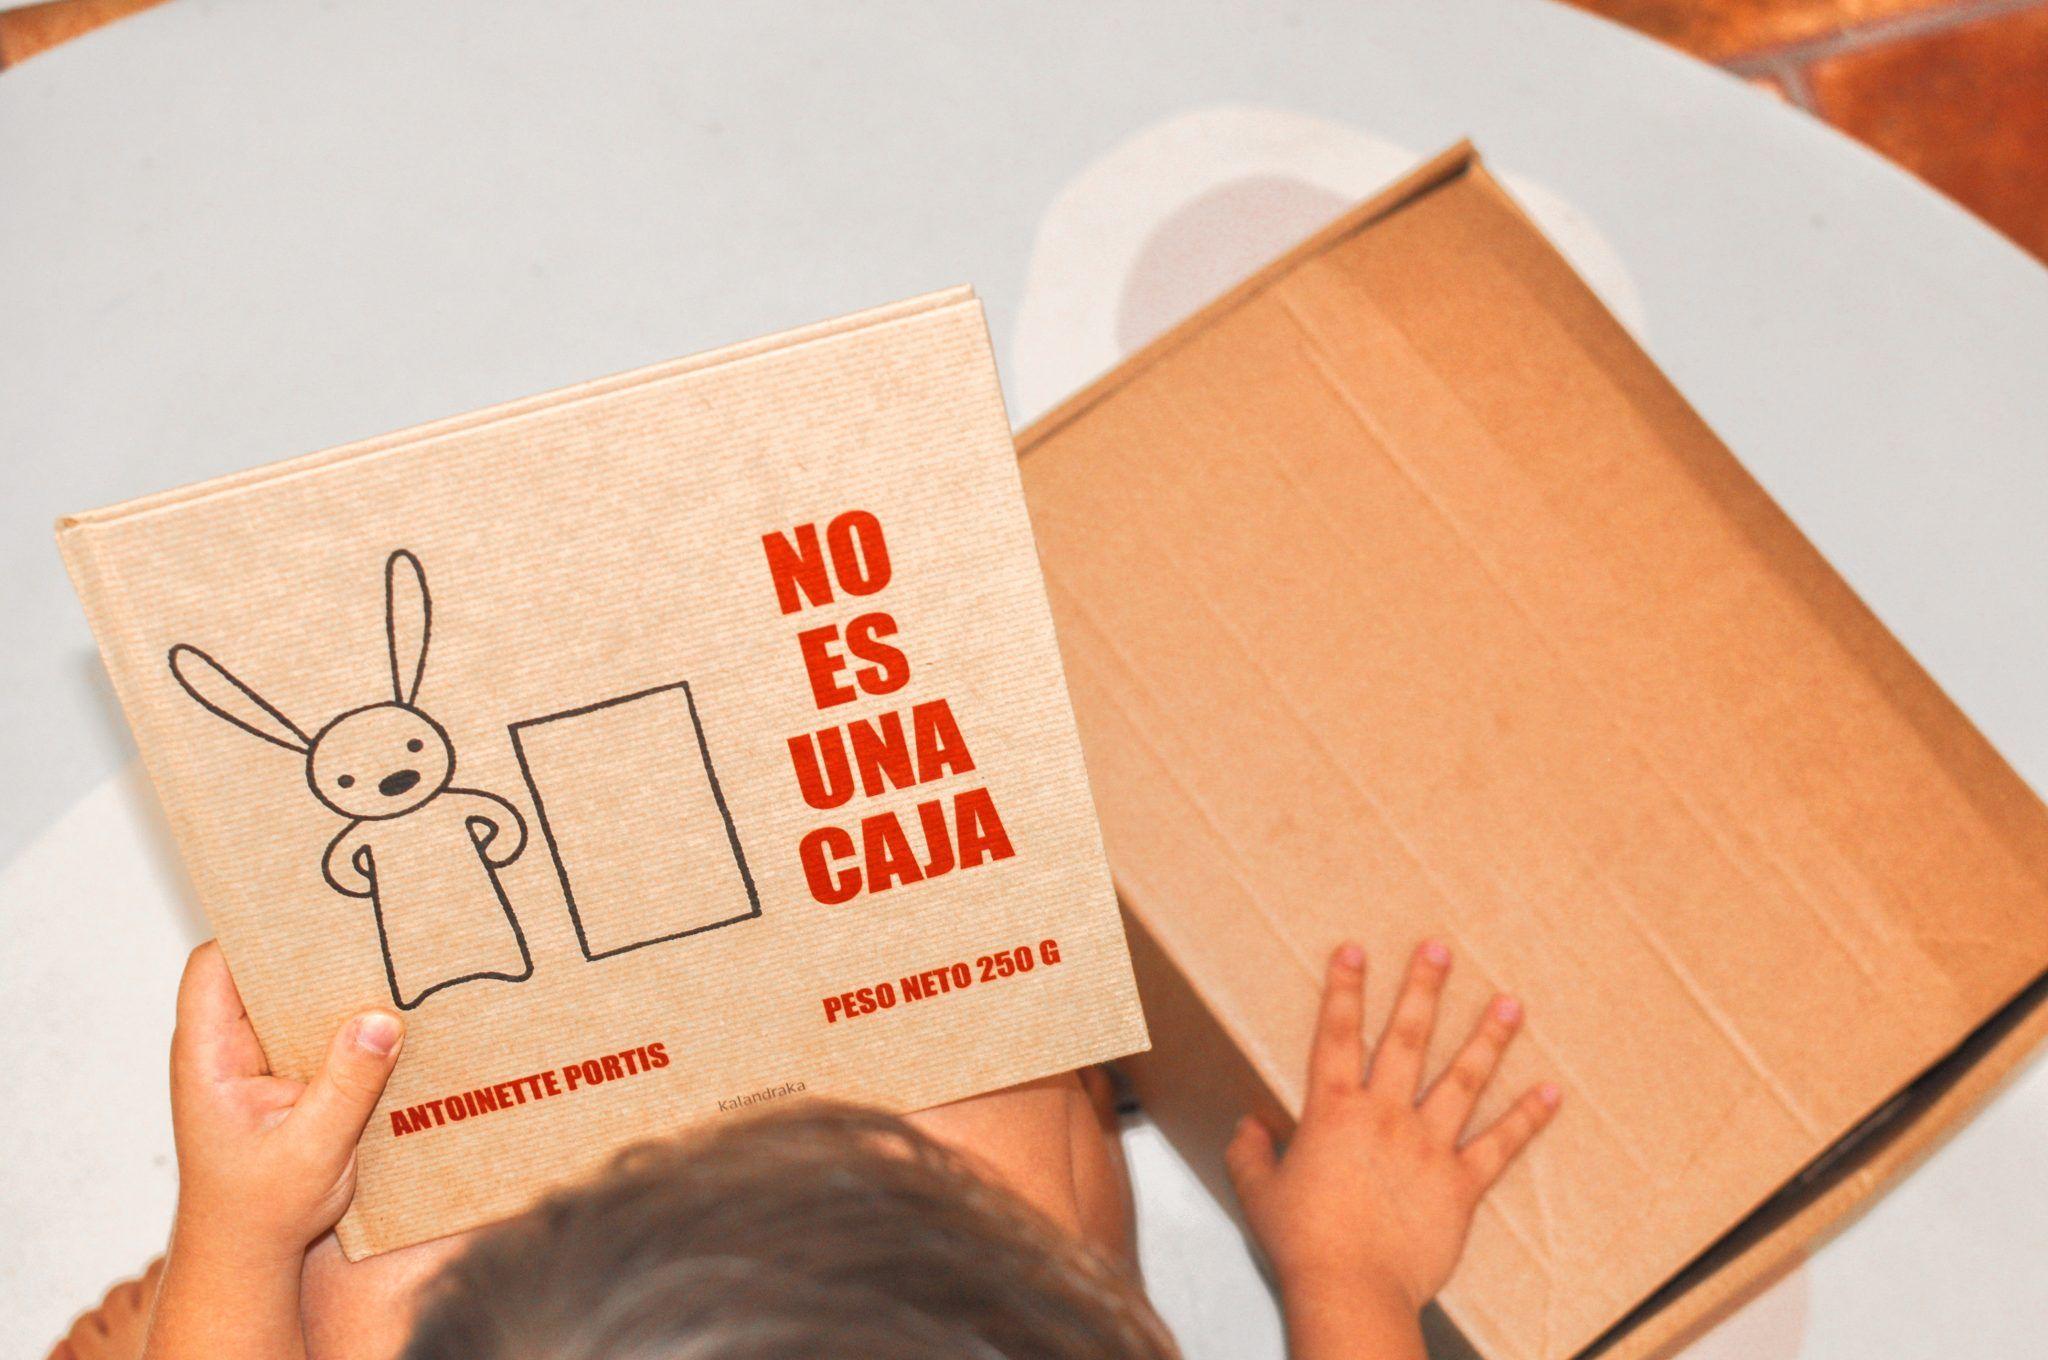 No es una caja, Editorial Kalandraka